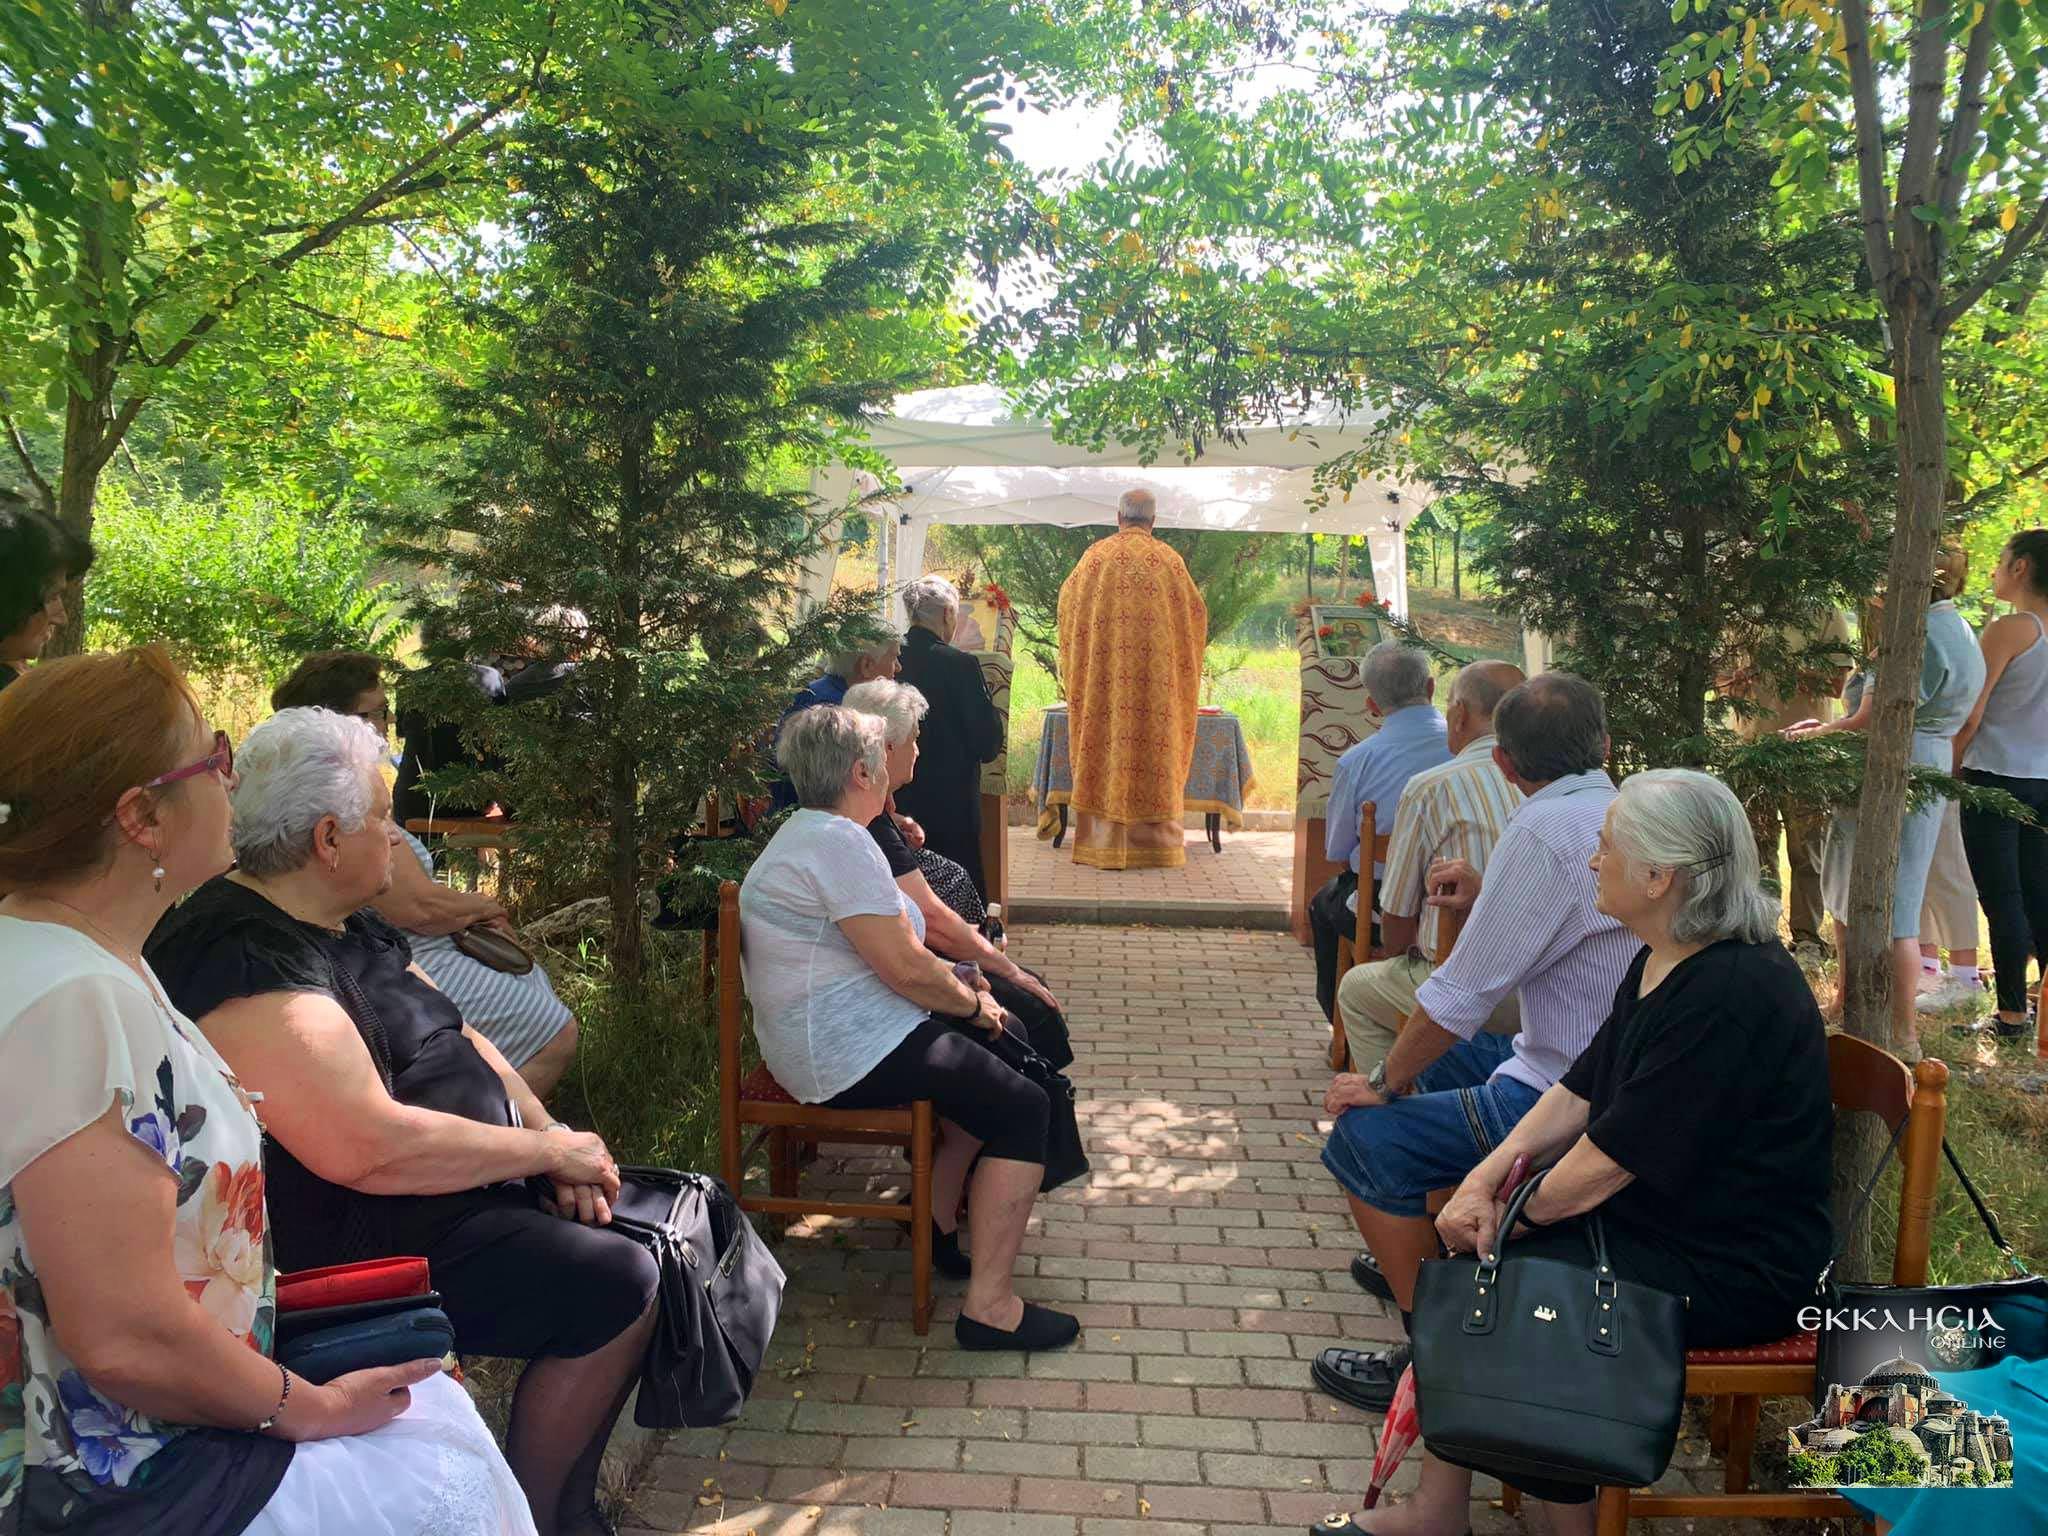 Λειτουργία στην ύπαιθρο Αγίου Παντελεήμονα Κορυτσά